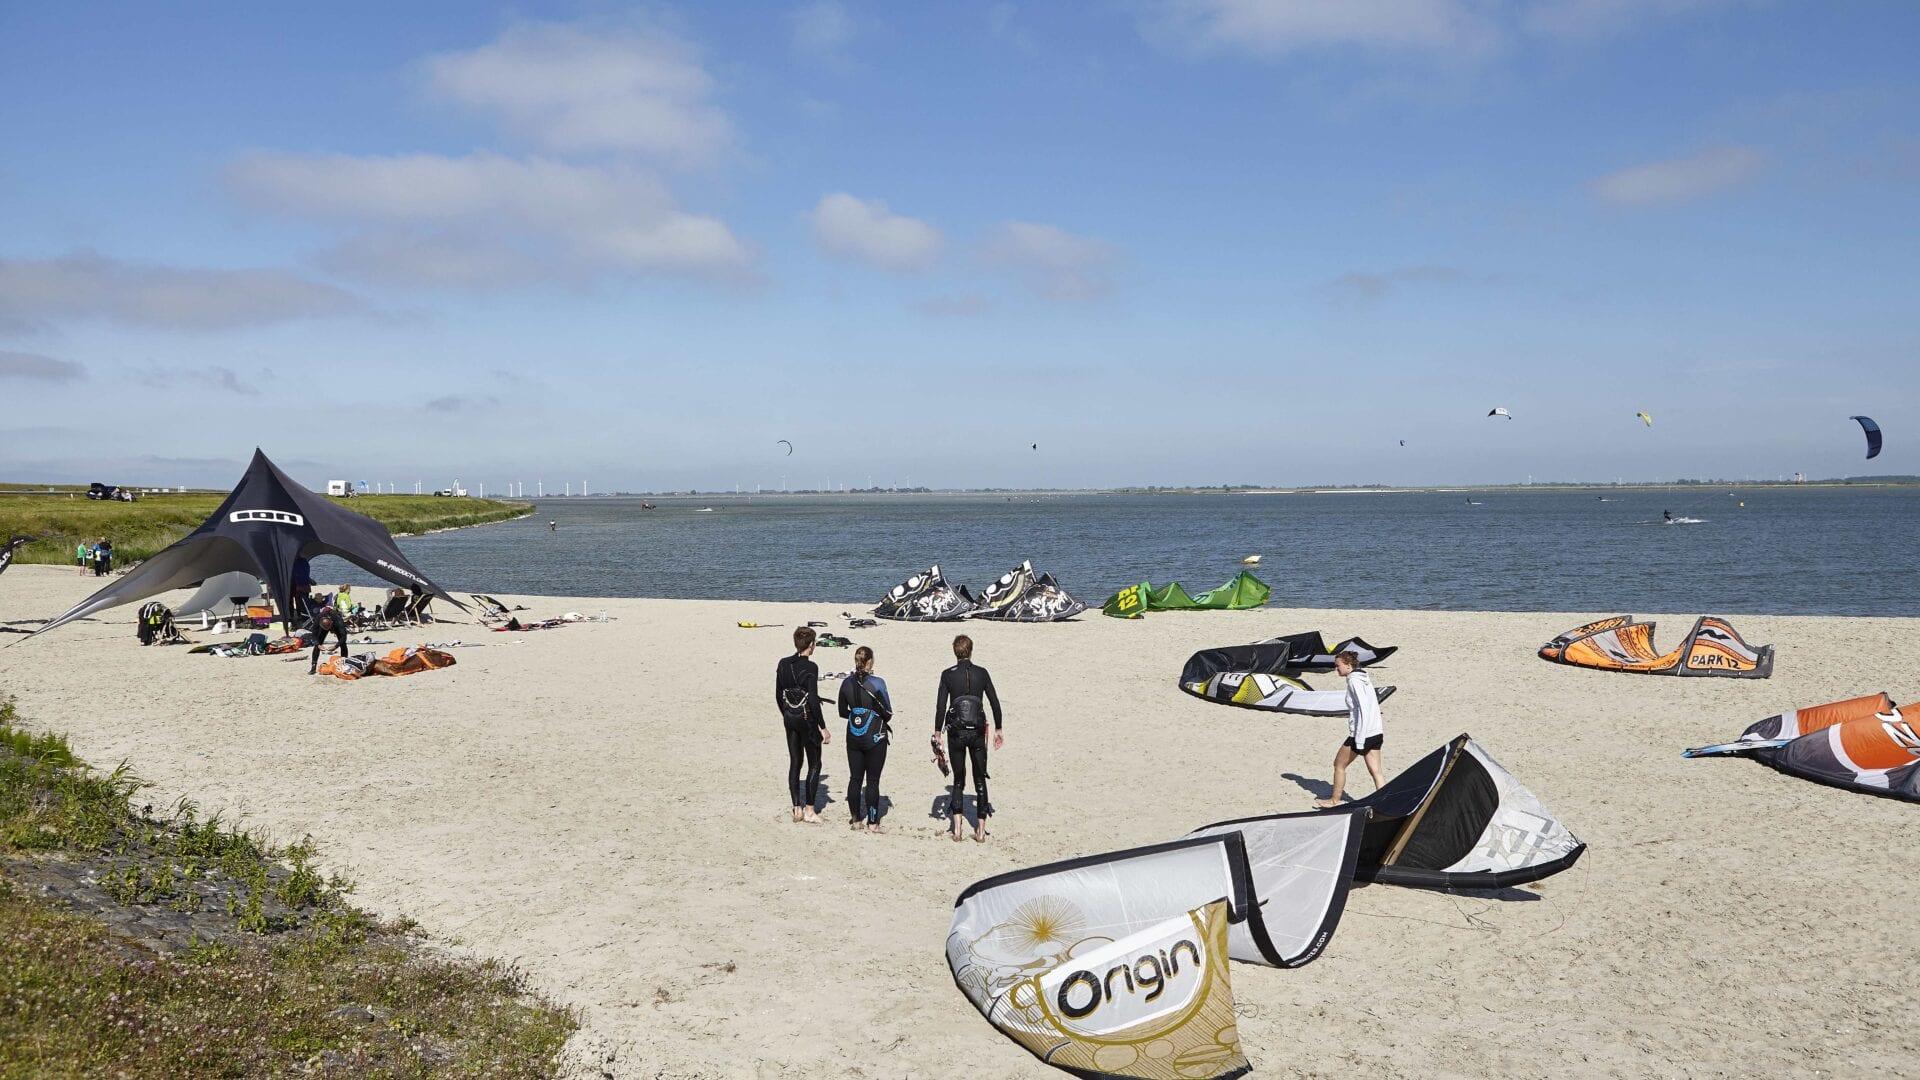 Kitesurfstrand bij de Afsluitdijk. Wij zien zand en water met verschillende kitesurfers.